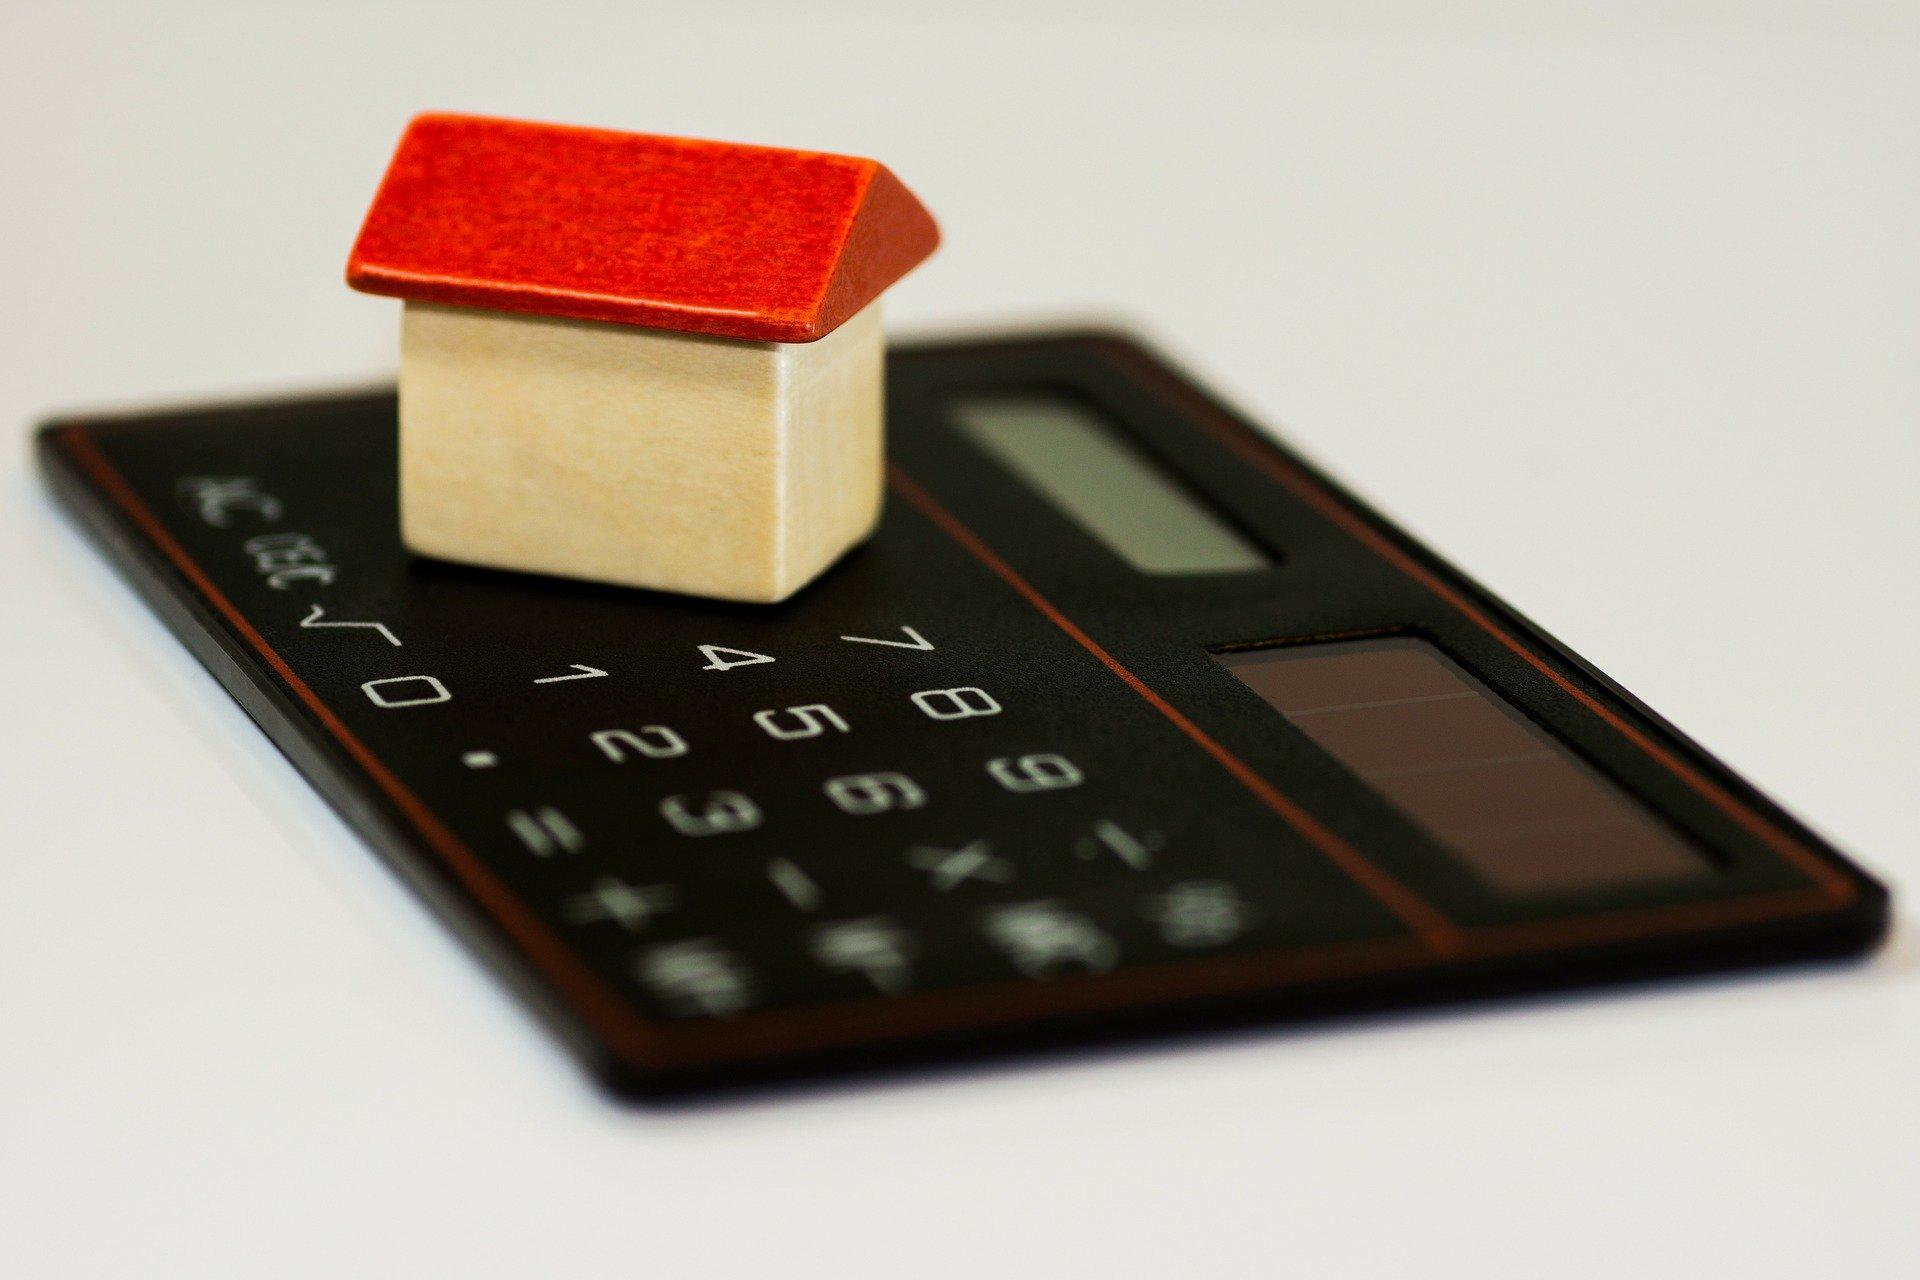 vamos aqui trazer dicas que podem ajudar a reduzir os custos e evitar que as contas condominiais entrem no vermelho.